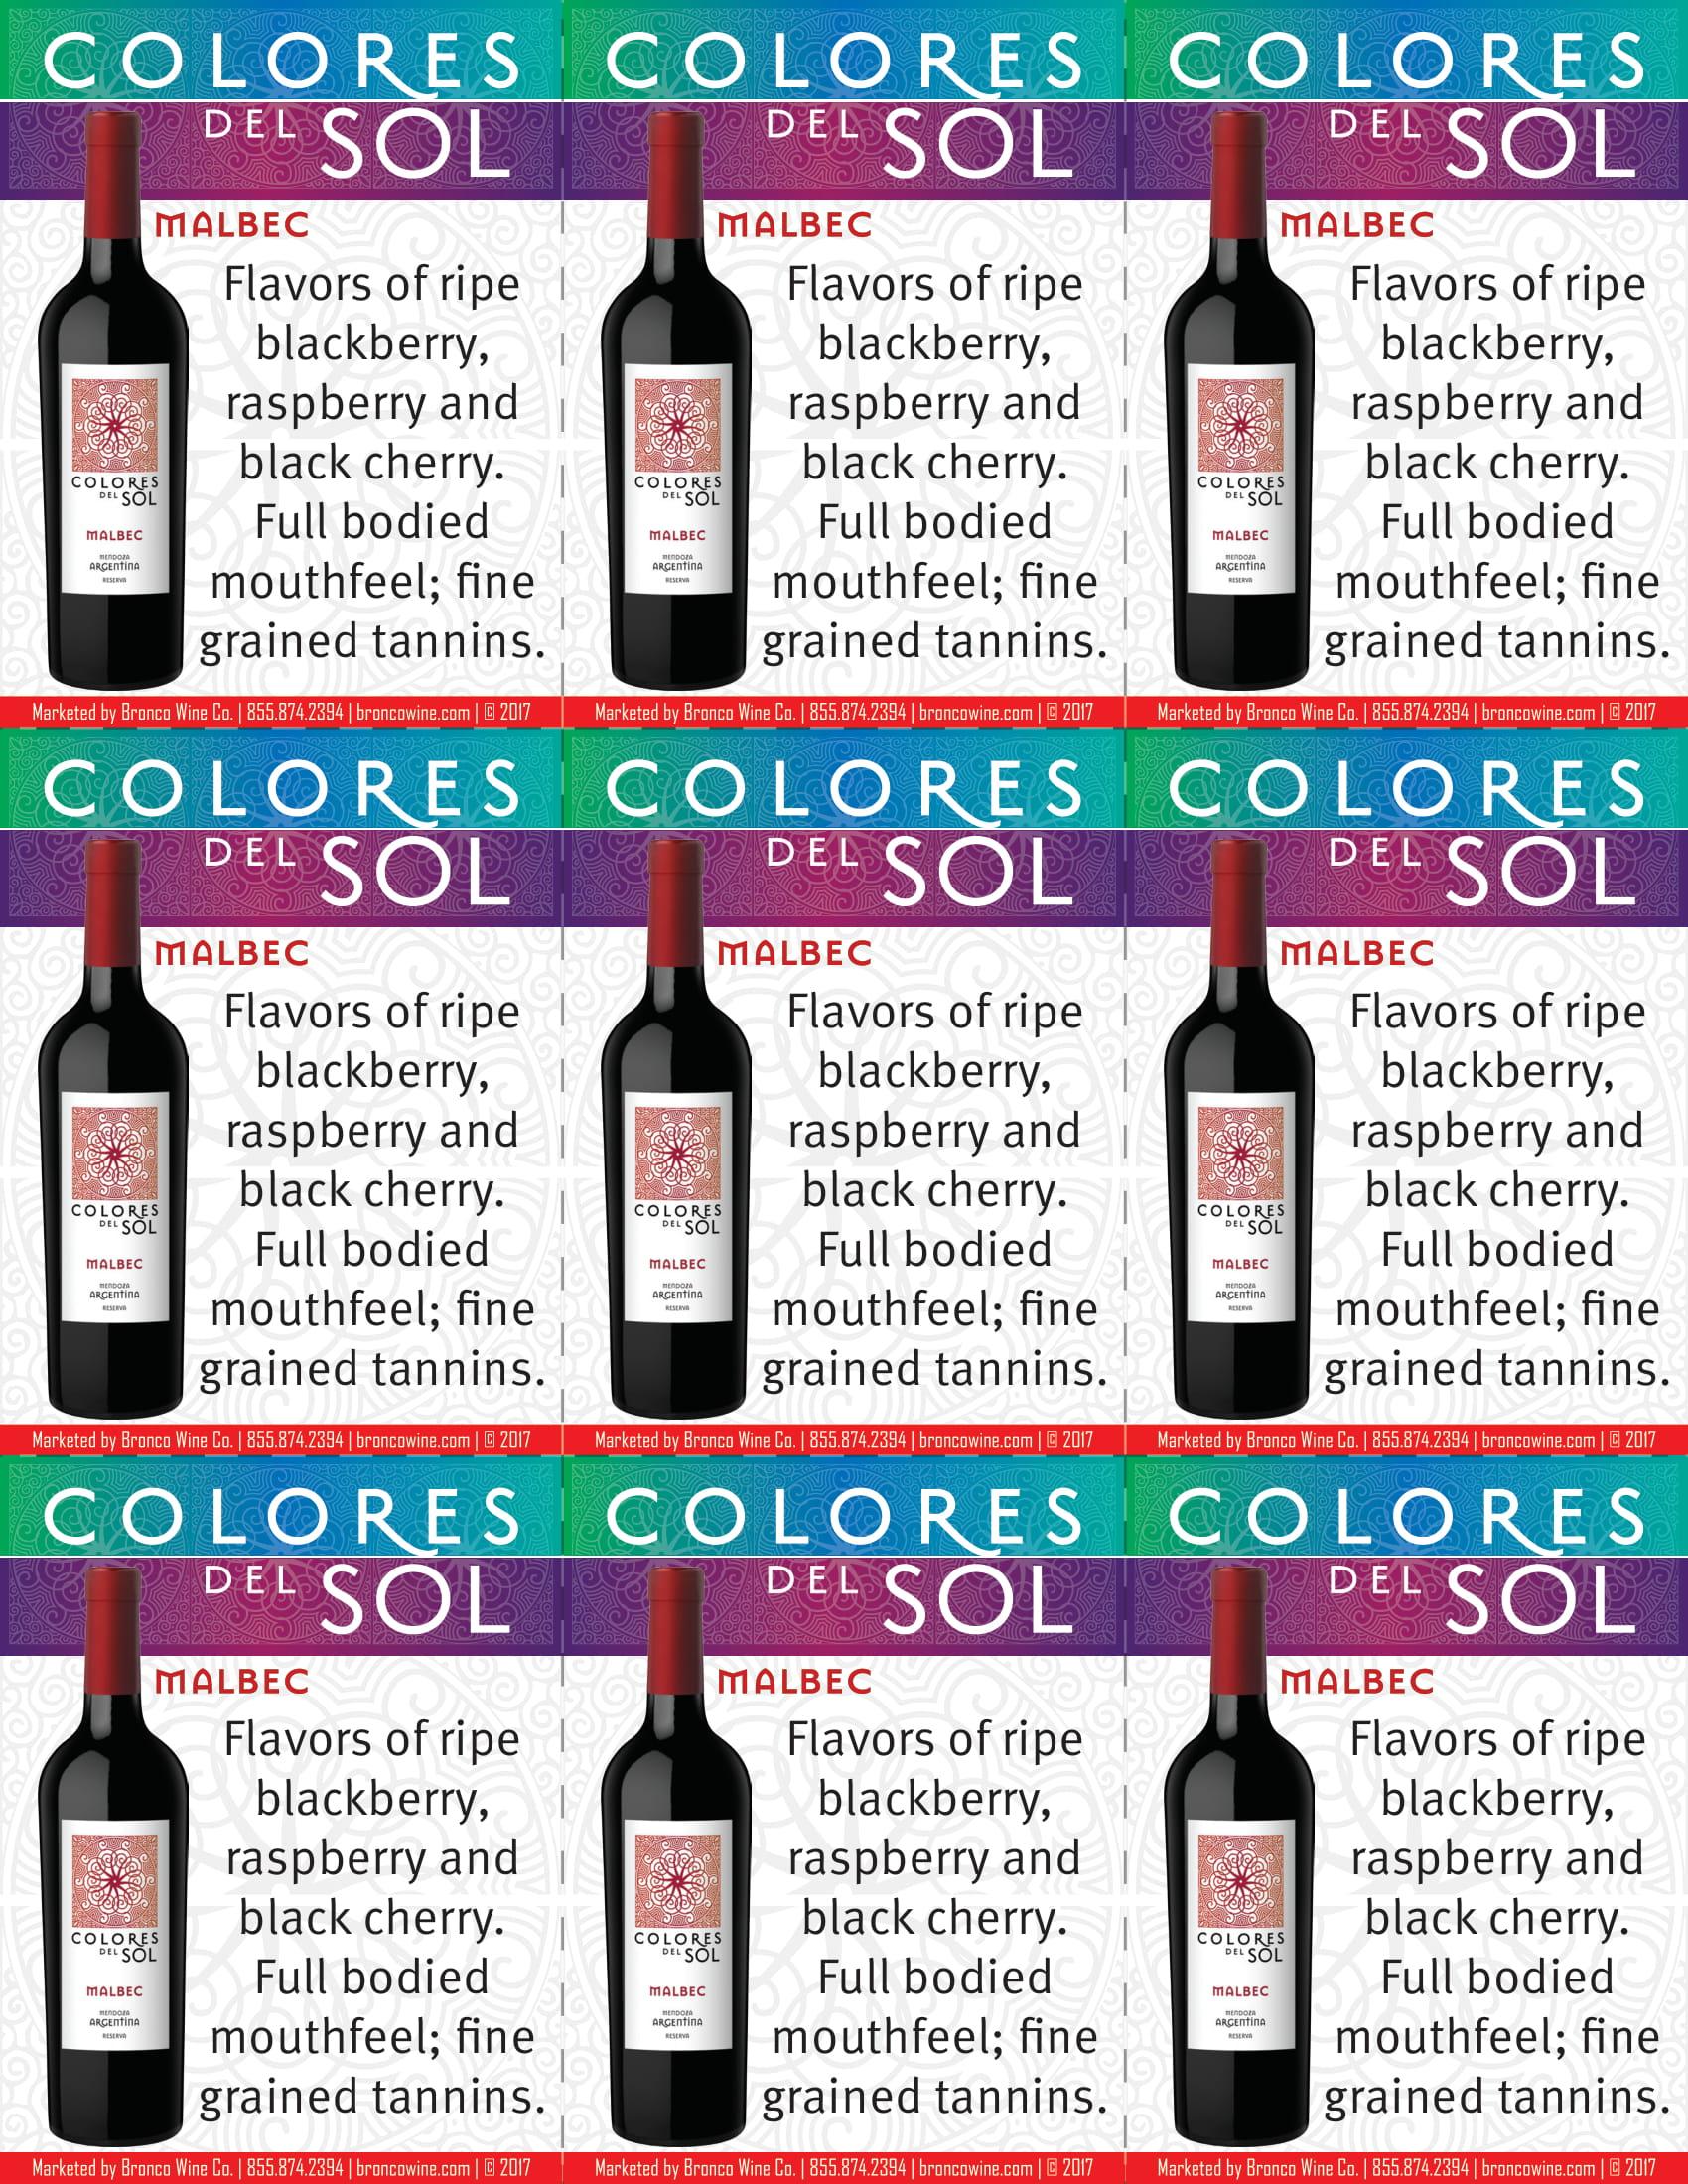 Colores Del Sol Malbec Shelf Talkers